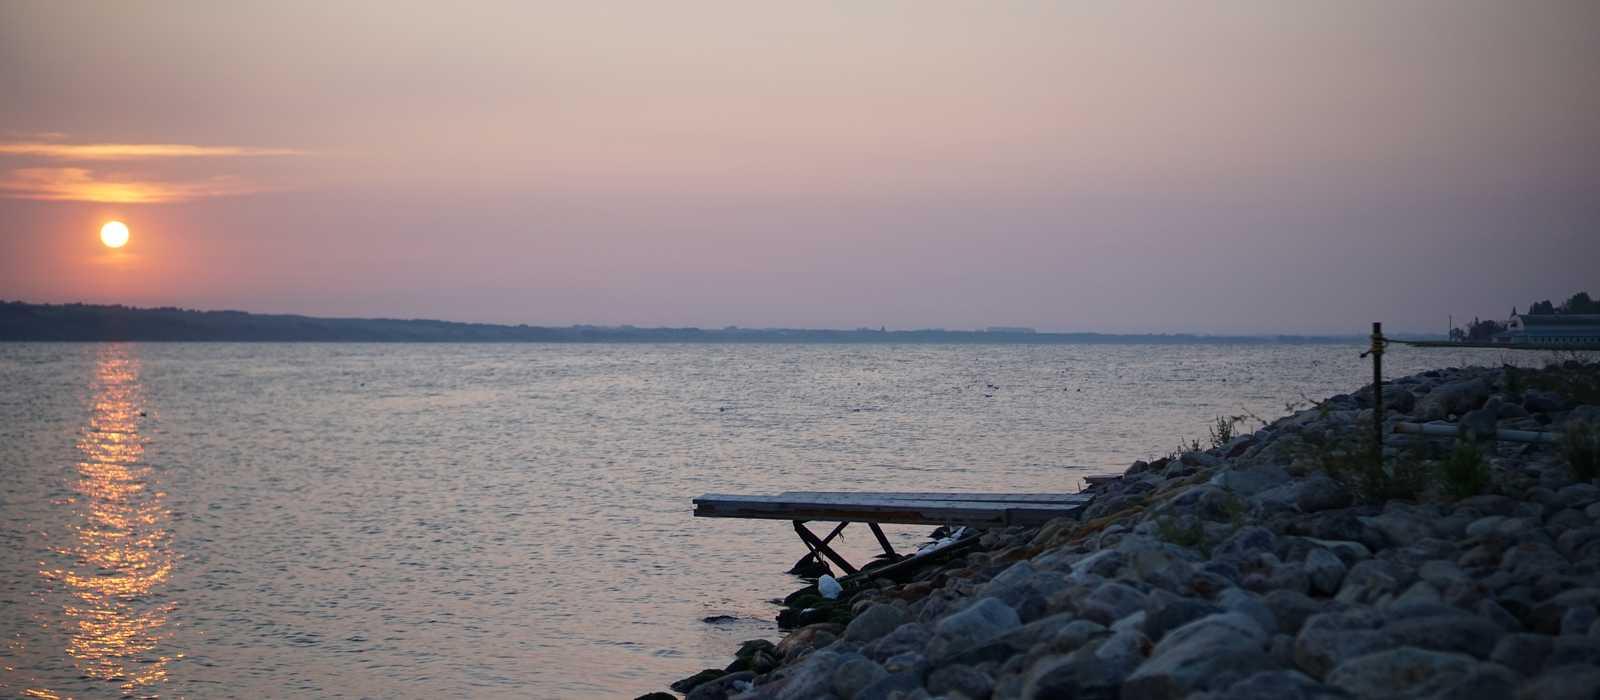 Der Sonnenaufgang an der Küste von Manitou Beach in Saskatchewan